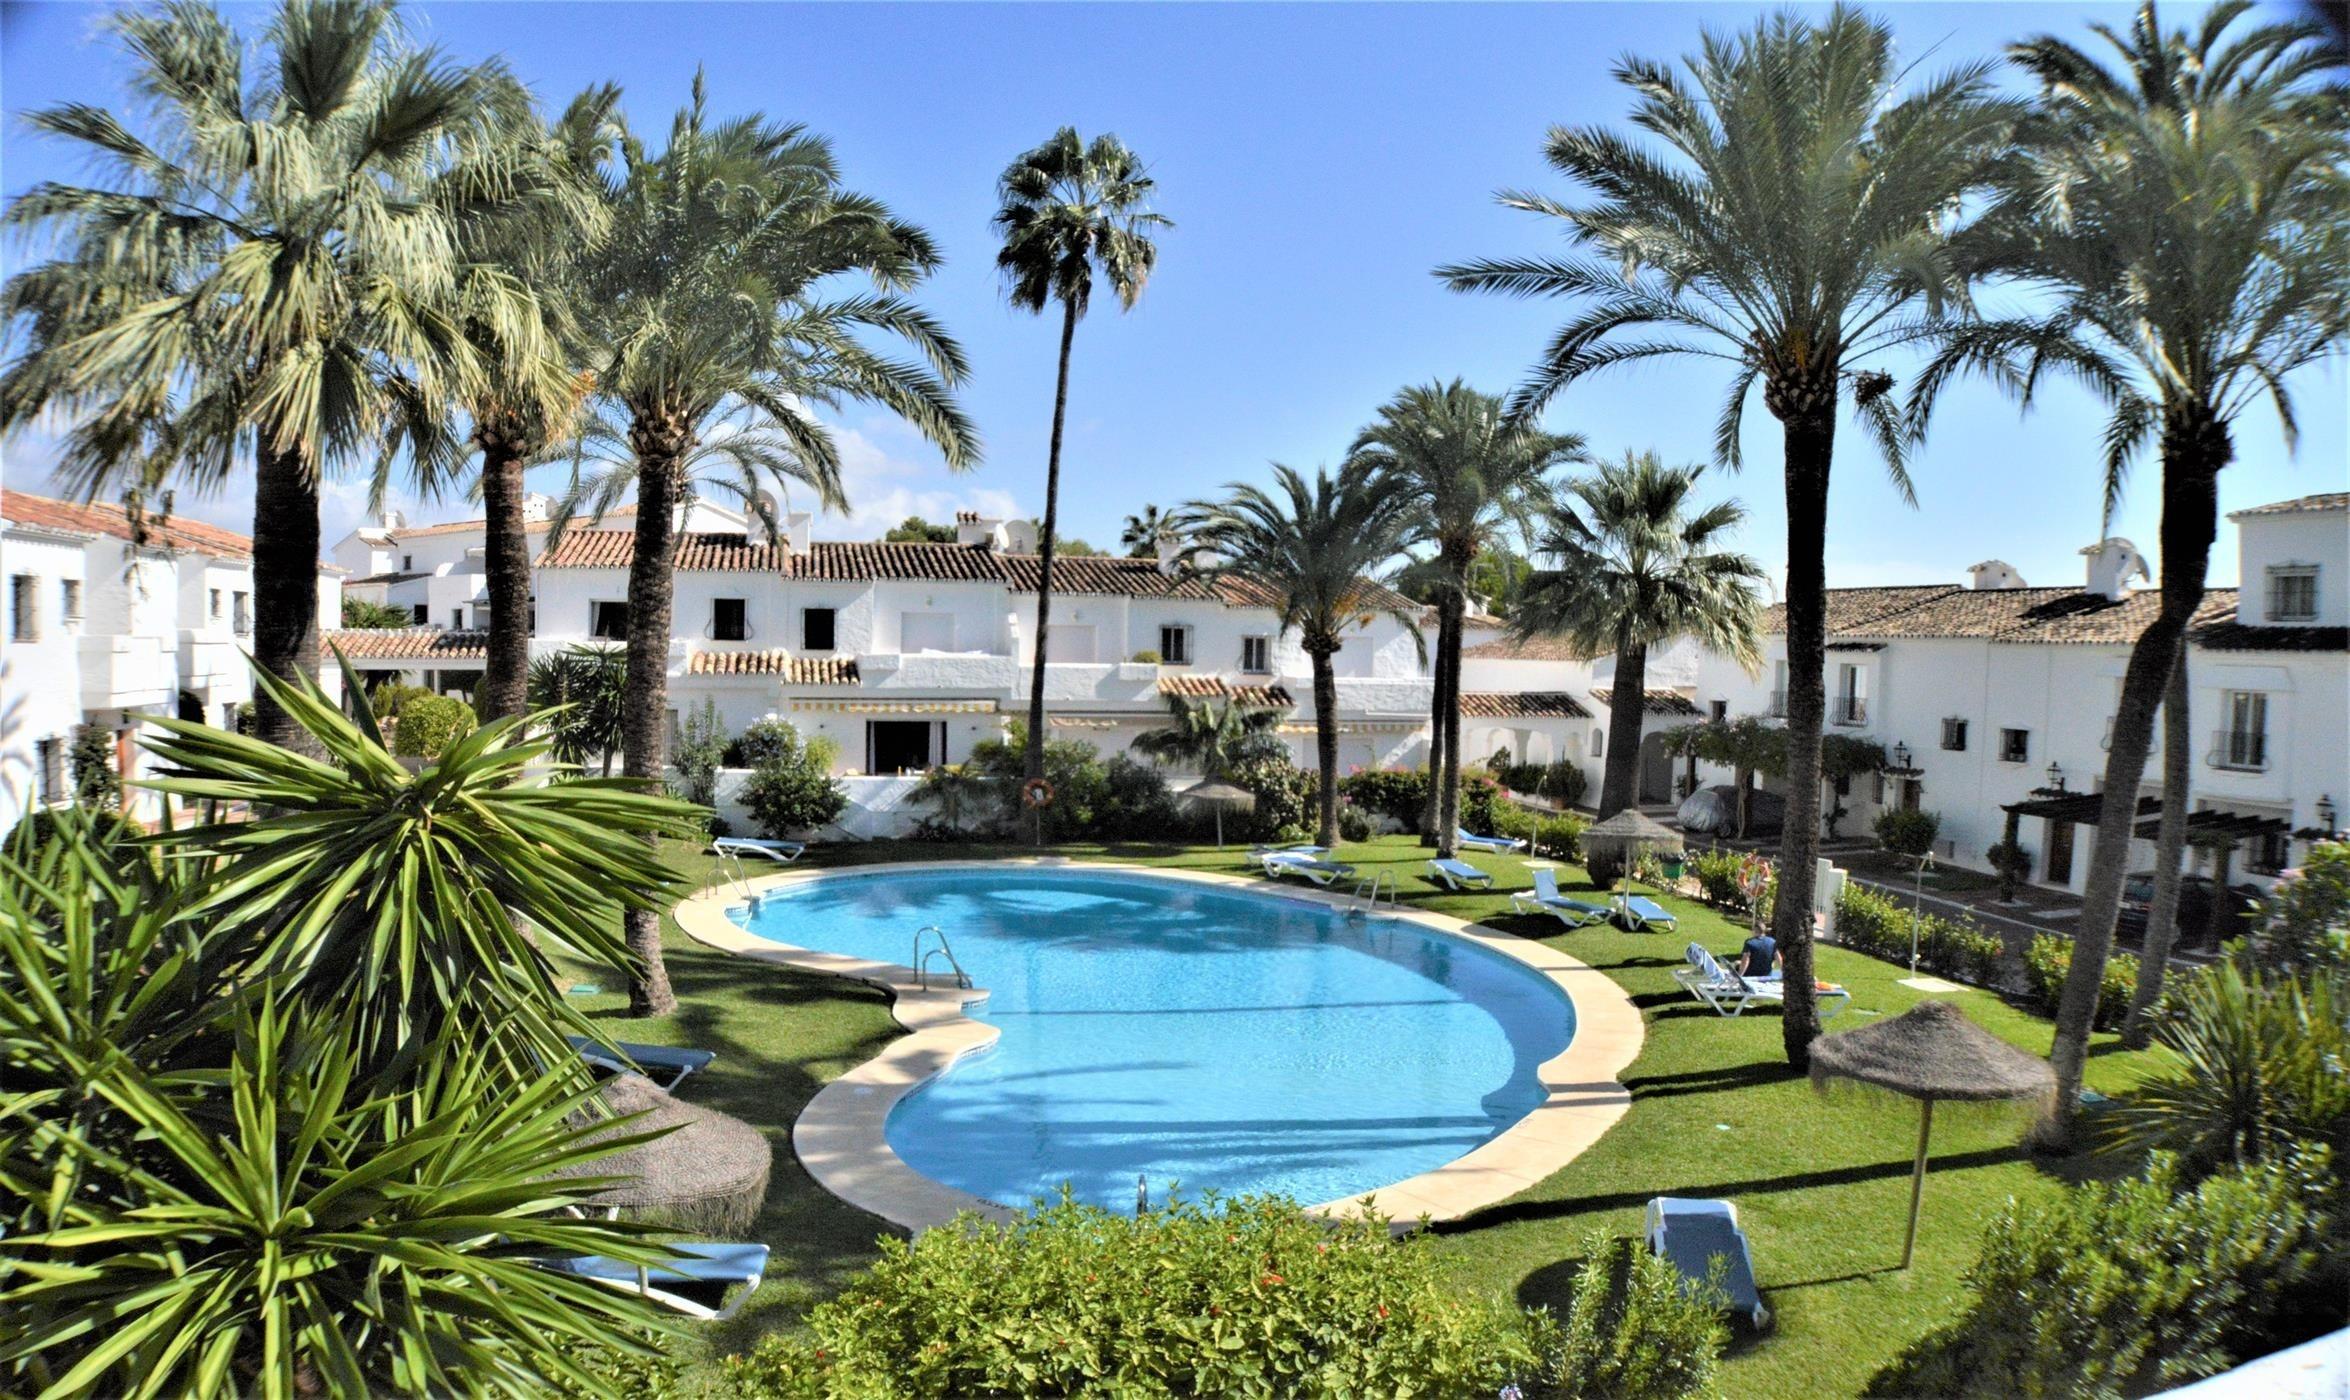 Adosada de estilo Mediterráneo. Nueva Andalucía.